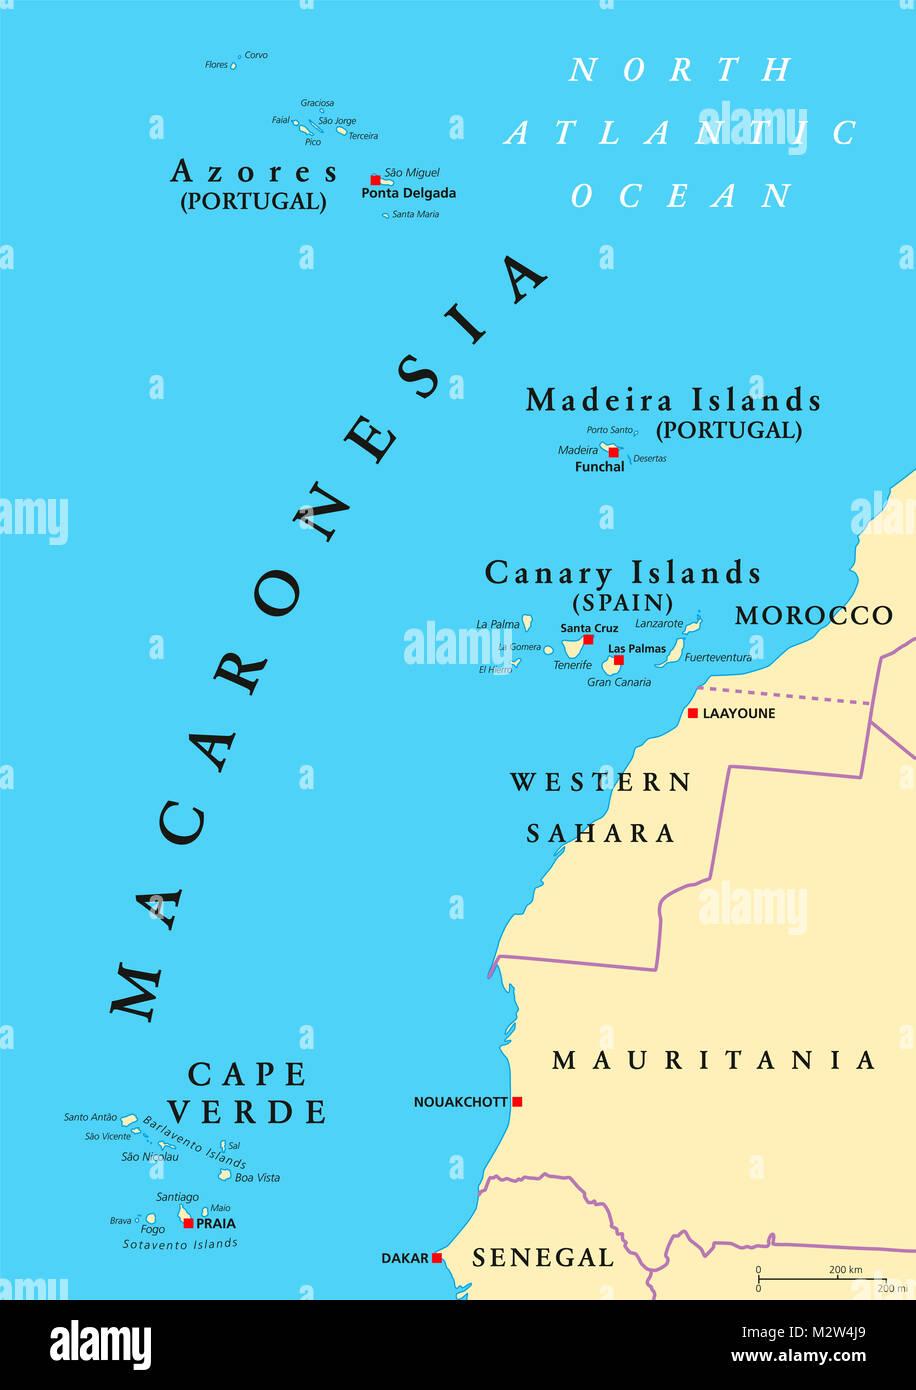 Islas De Portugal Mapa.Macaronesia Mapa Politico Azores Cabo Verde Madeira E